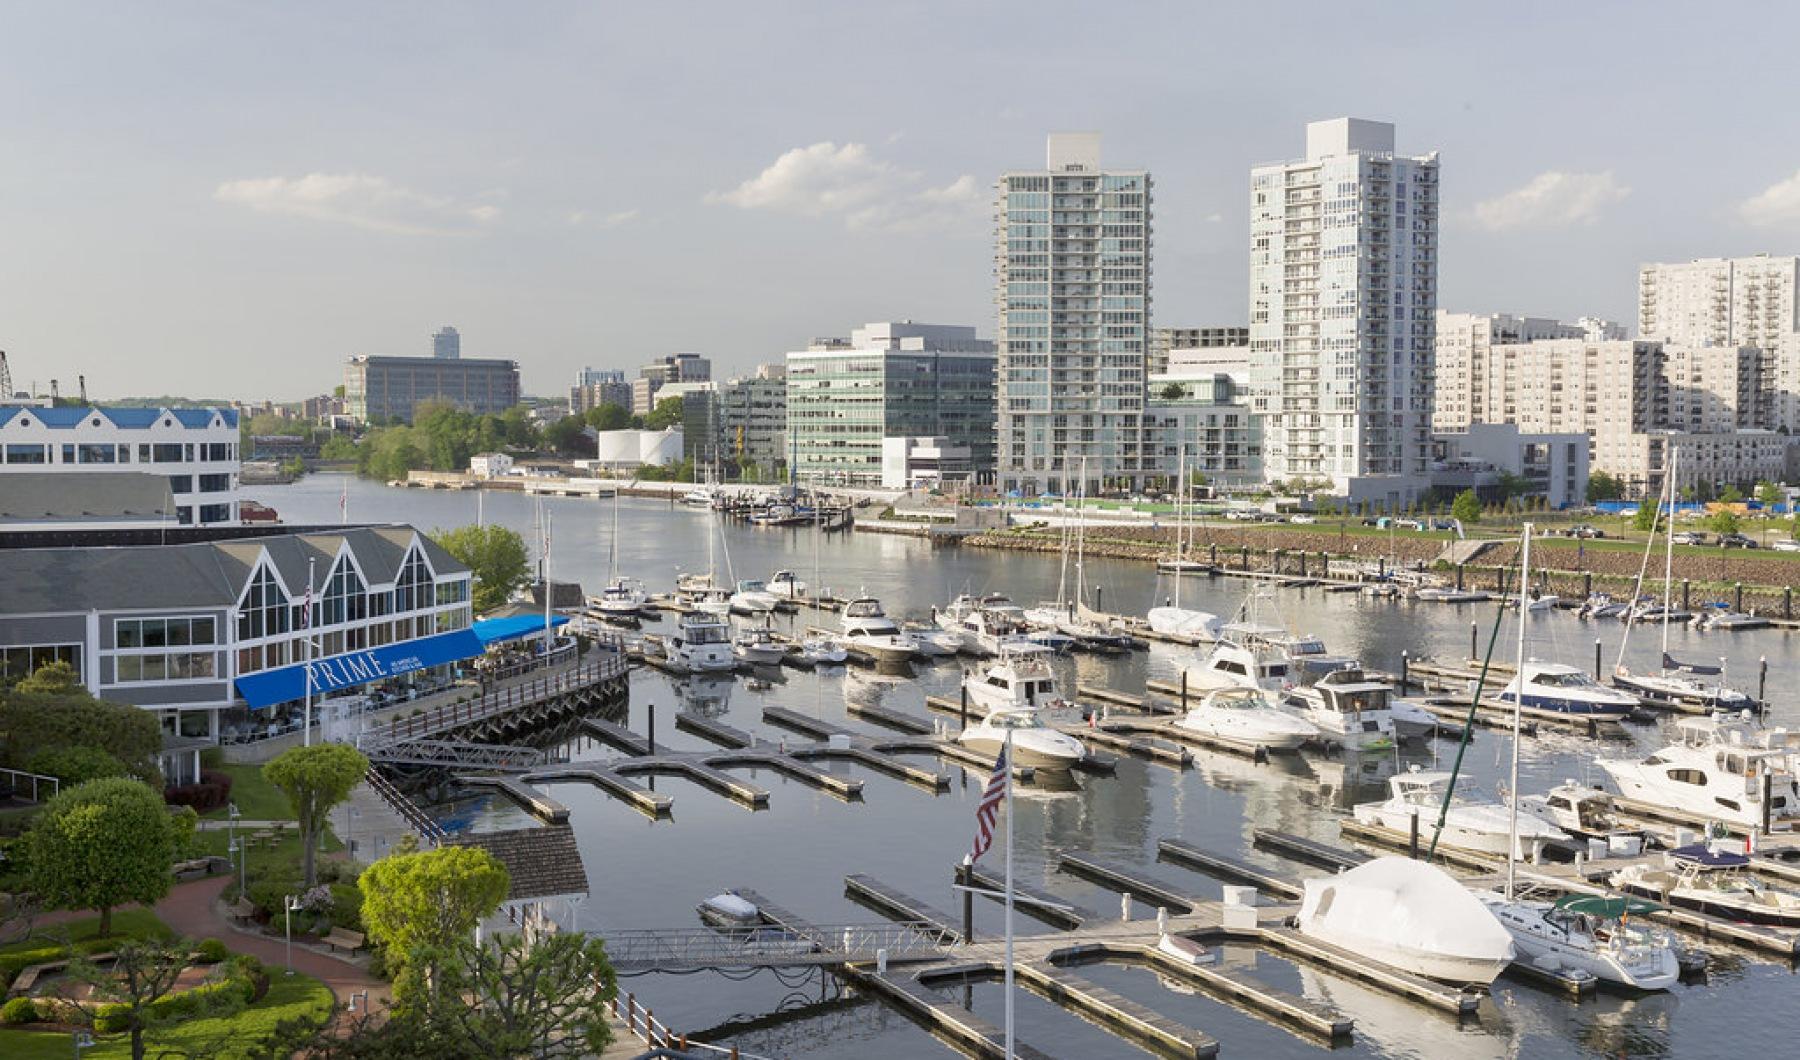 Marina _ City View